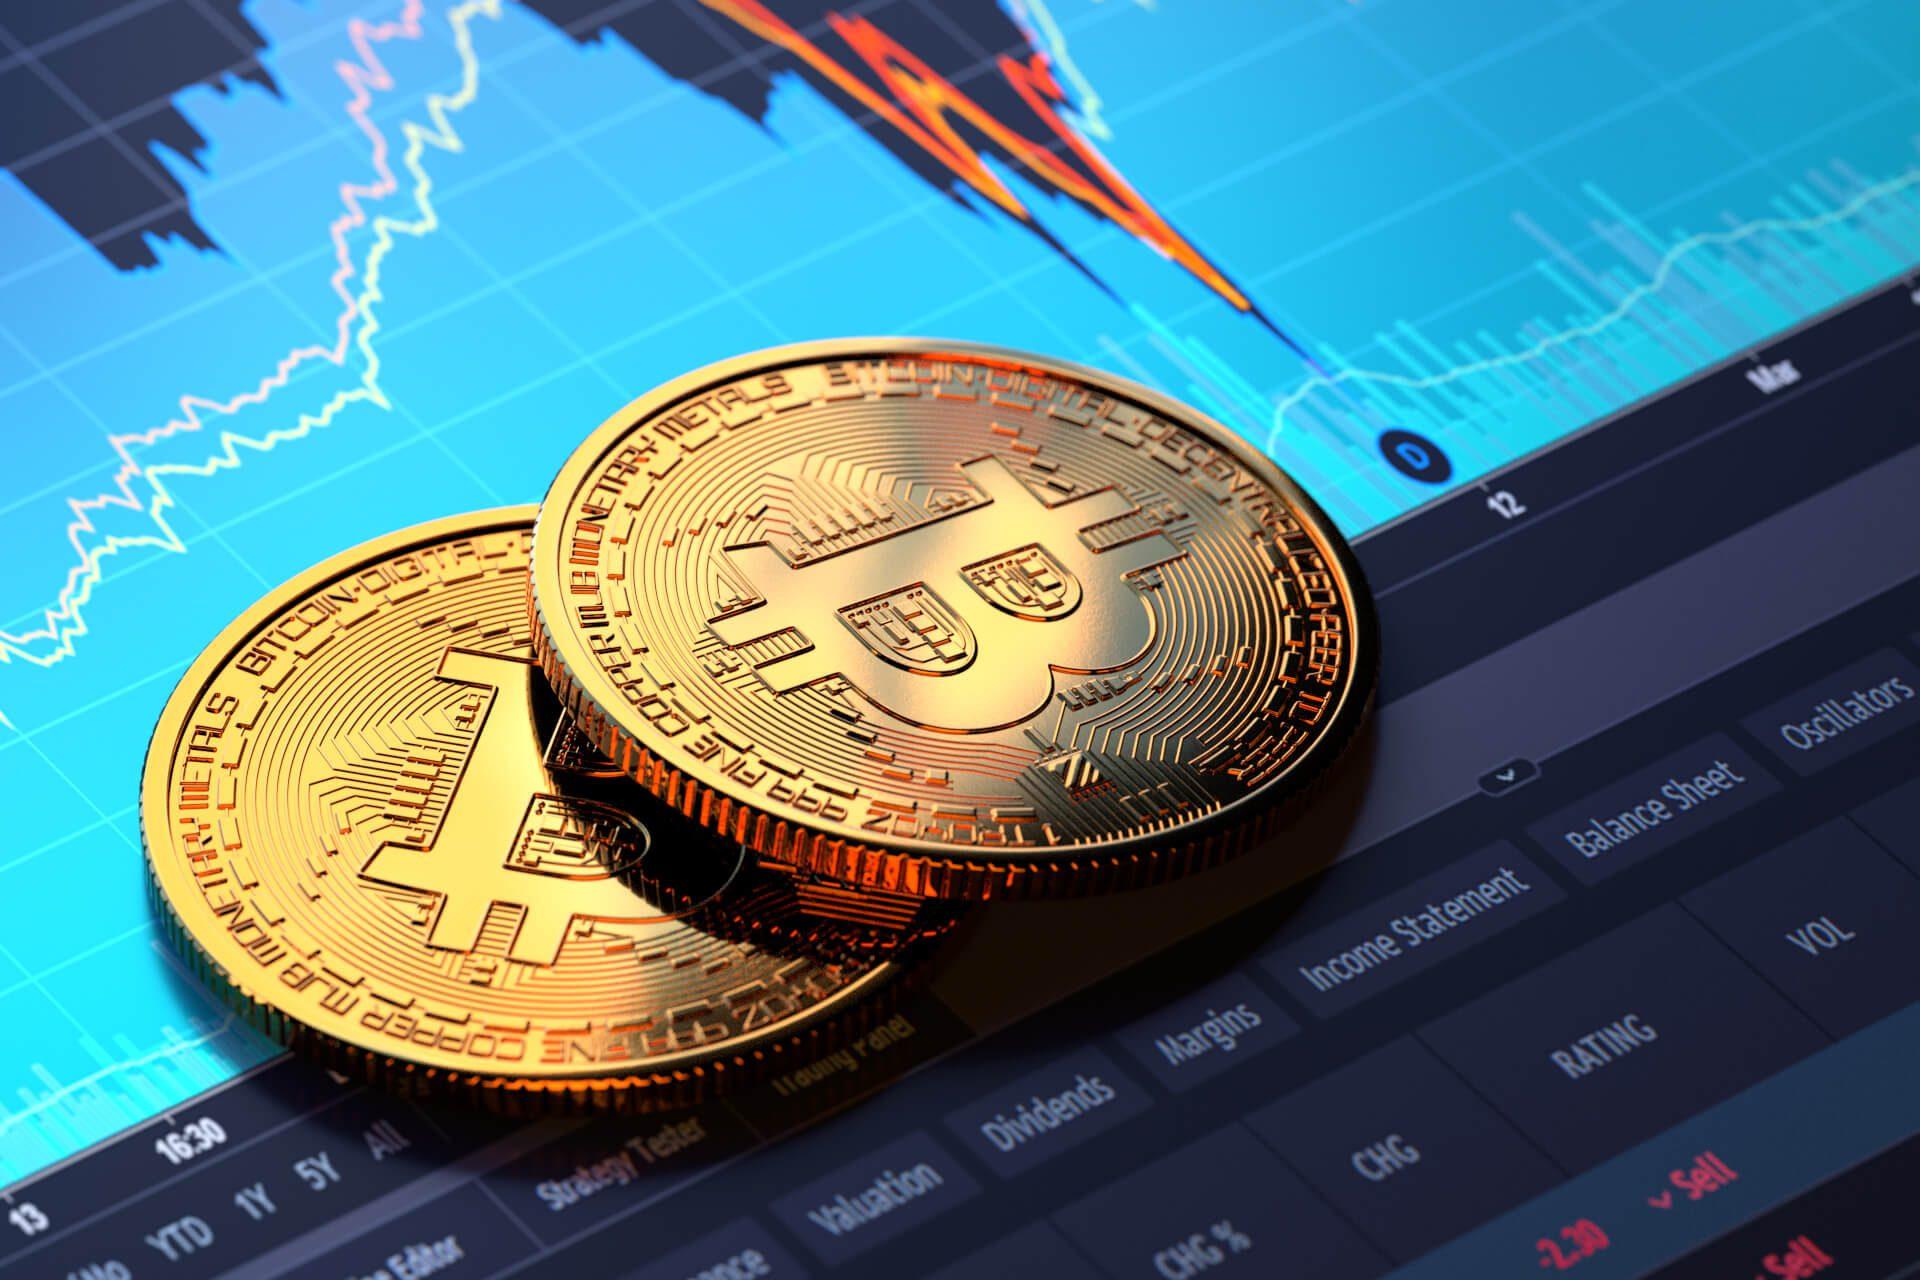 que bancos aceptan bitcoin)